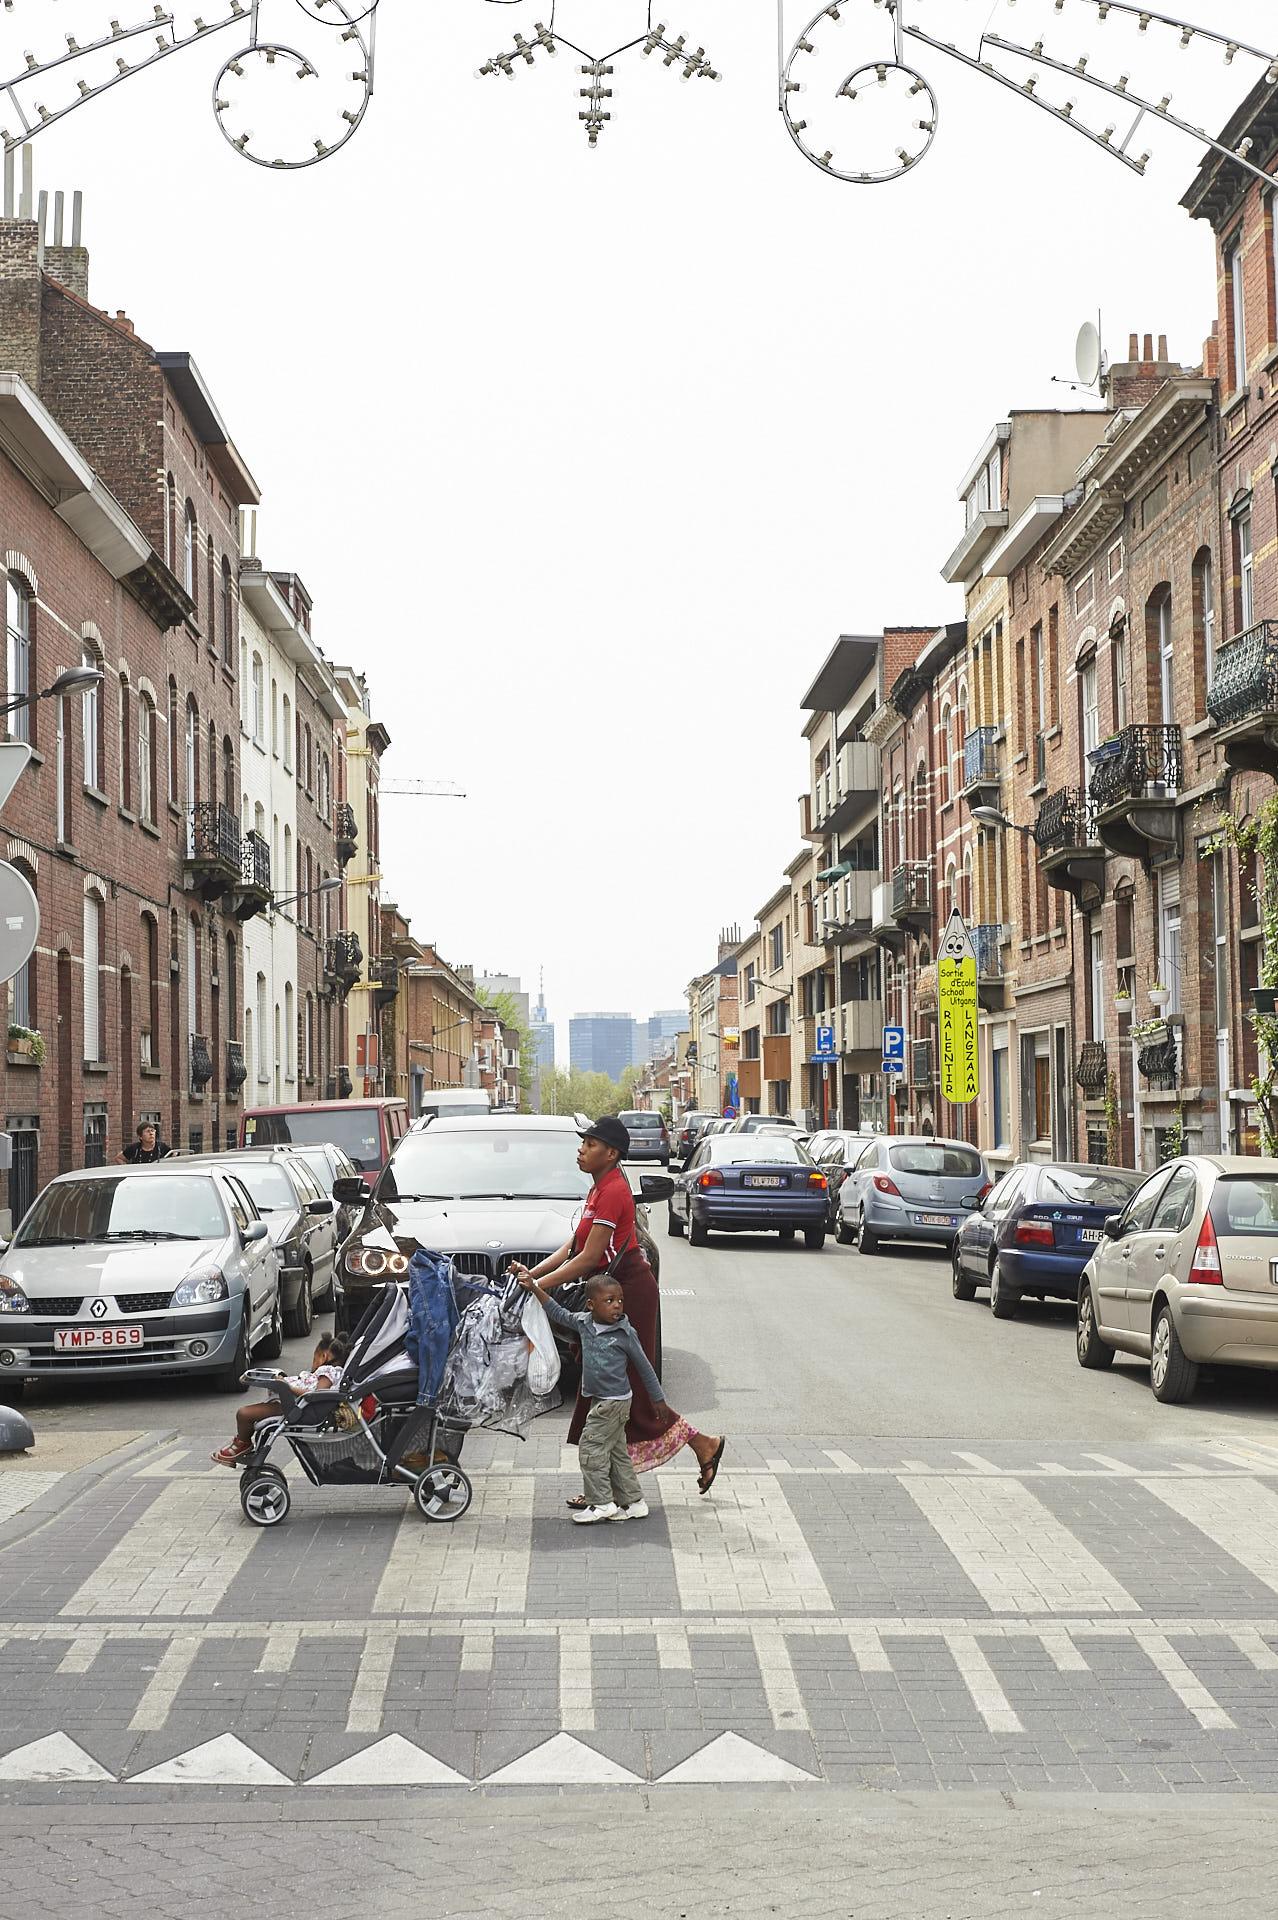 Schaerbeek, Brussel, gezin met kinderwagen op rotonde, bmw